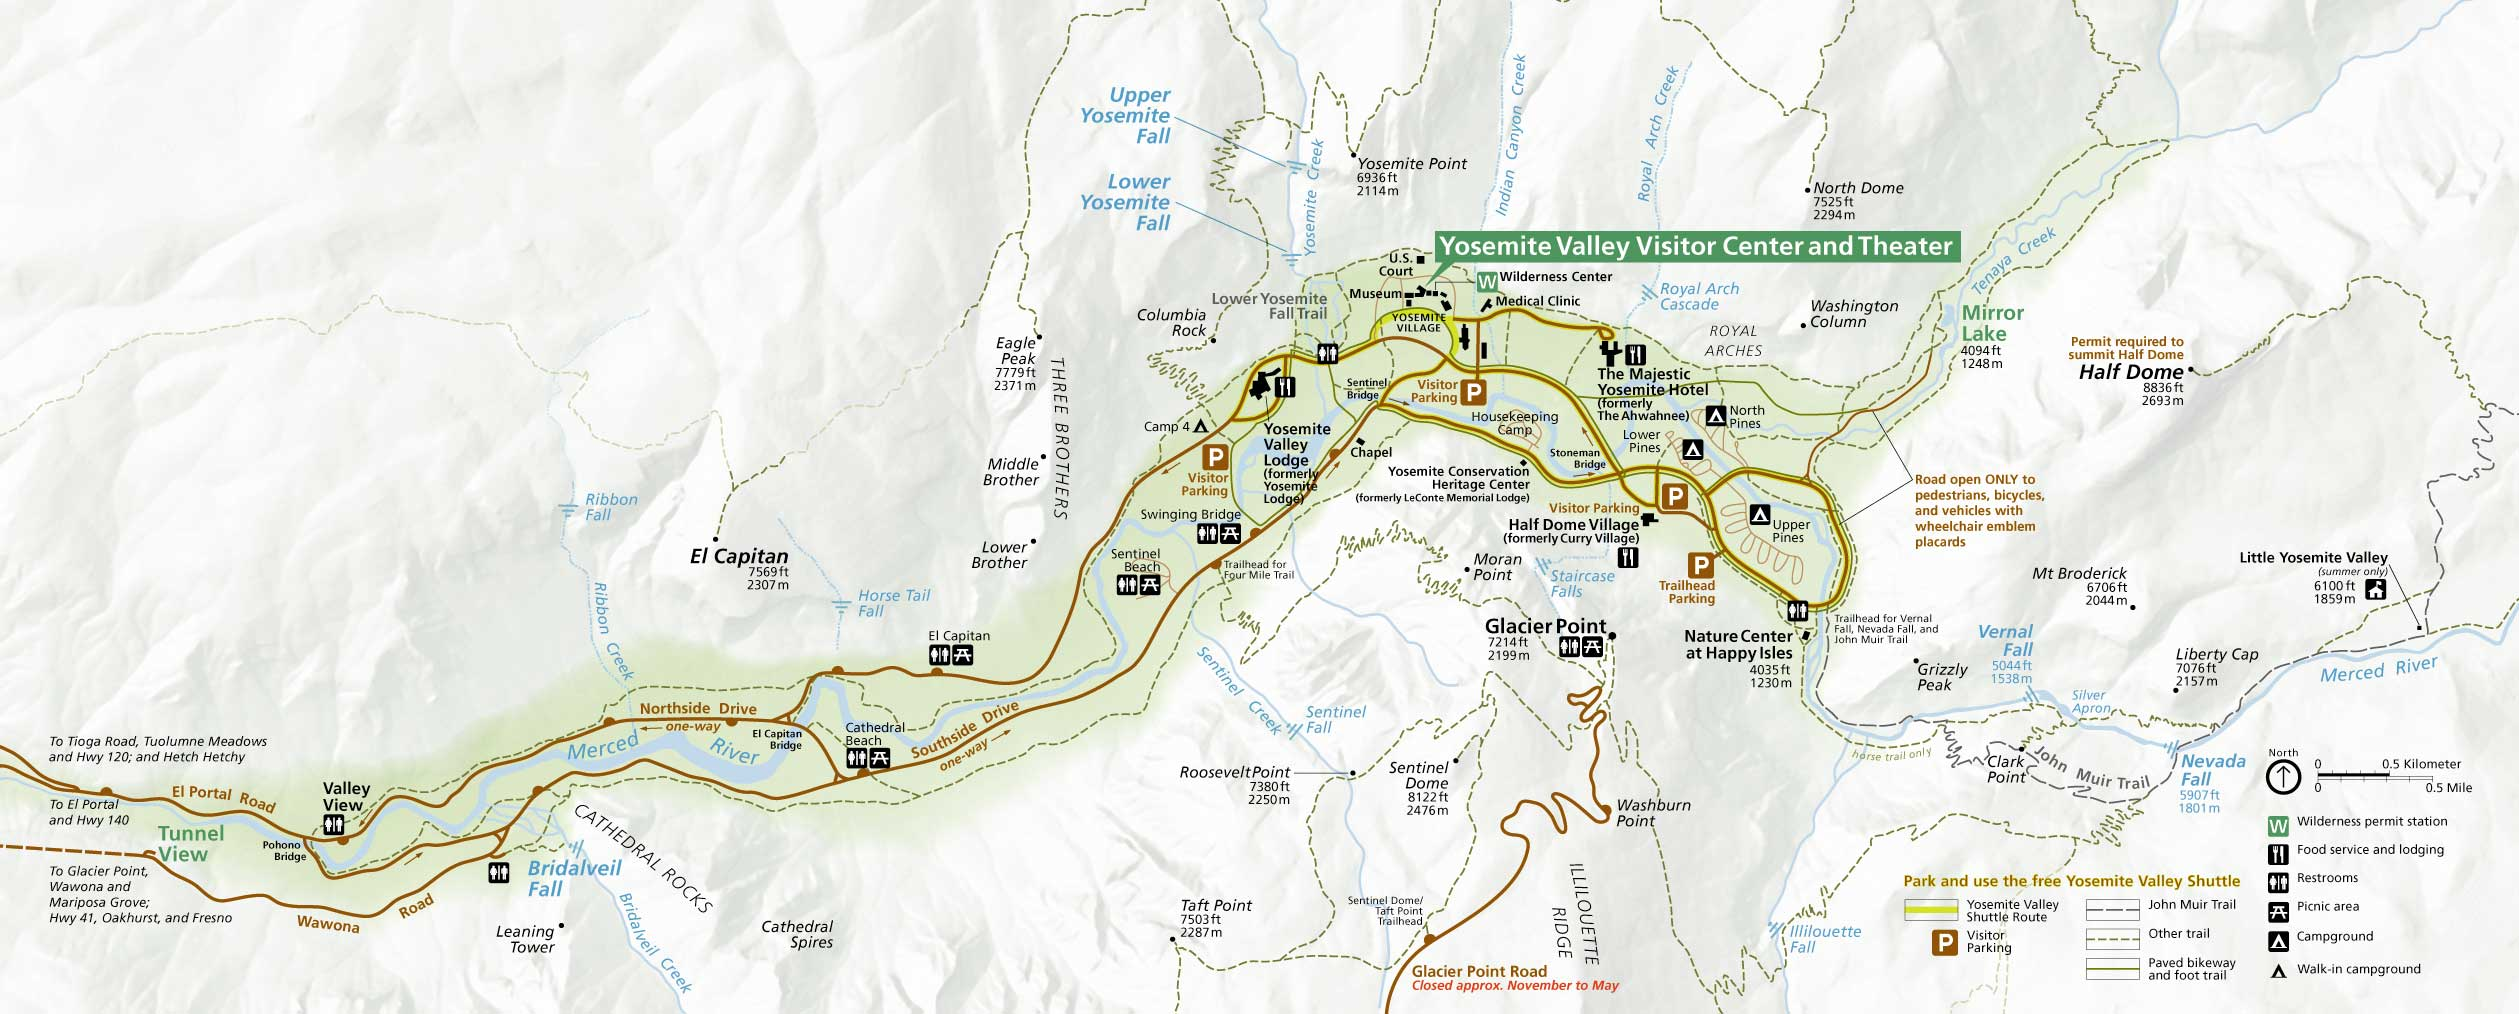 долина йосемите карта